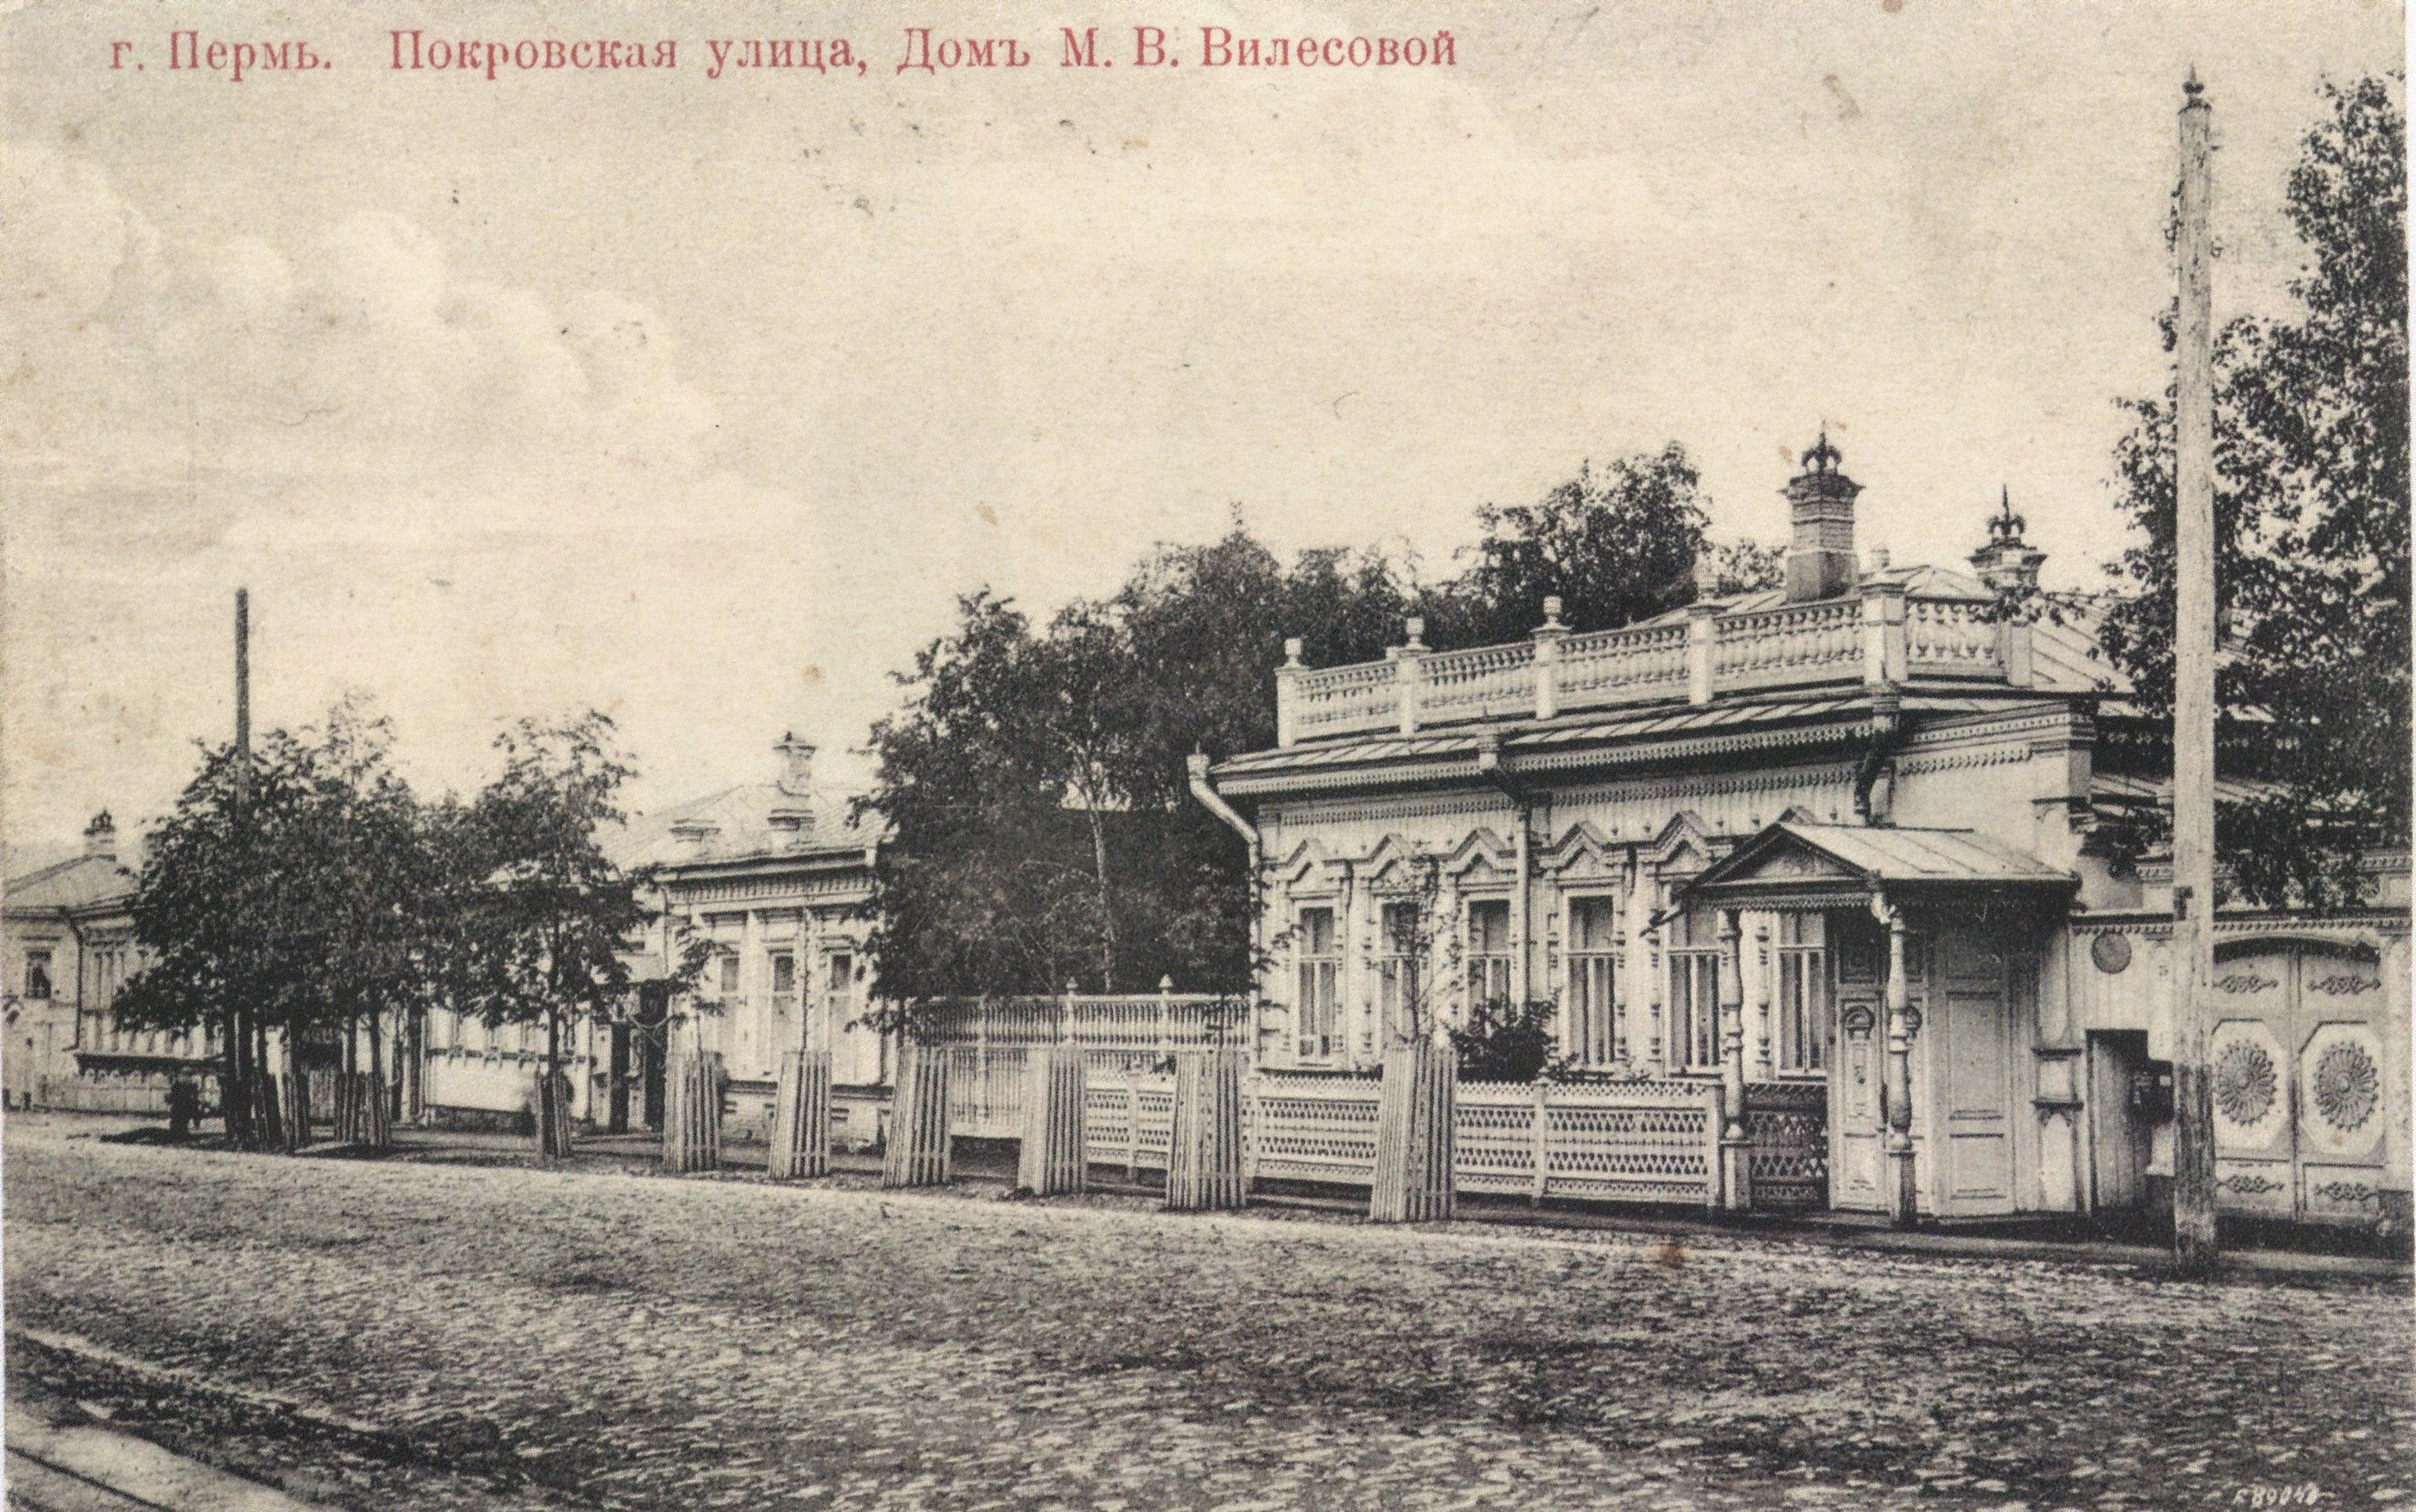 Дом Марии Васильевны Вилесовой. Улица Покровская, д. №73